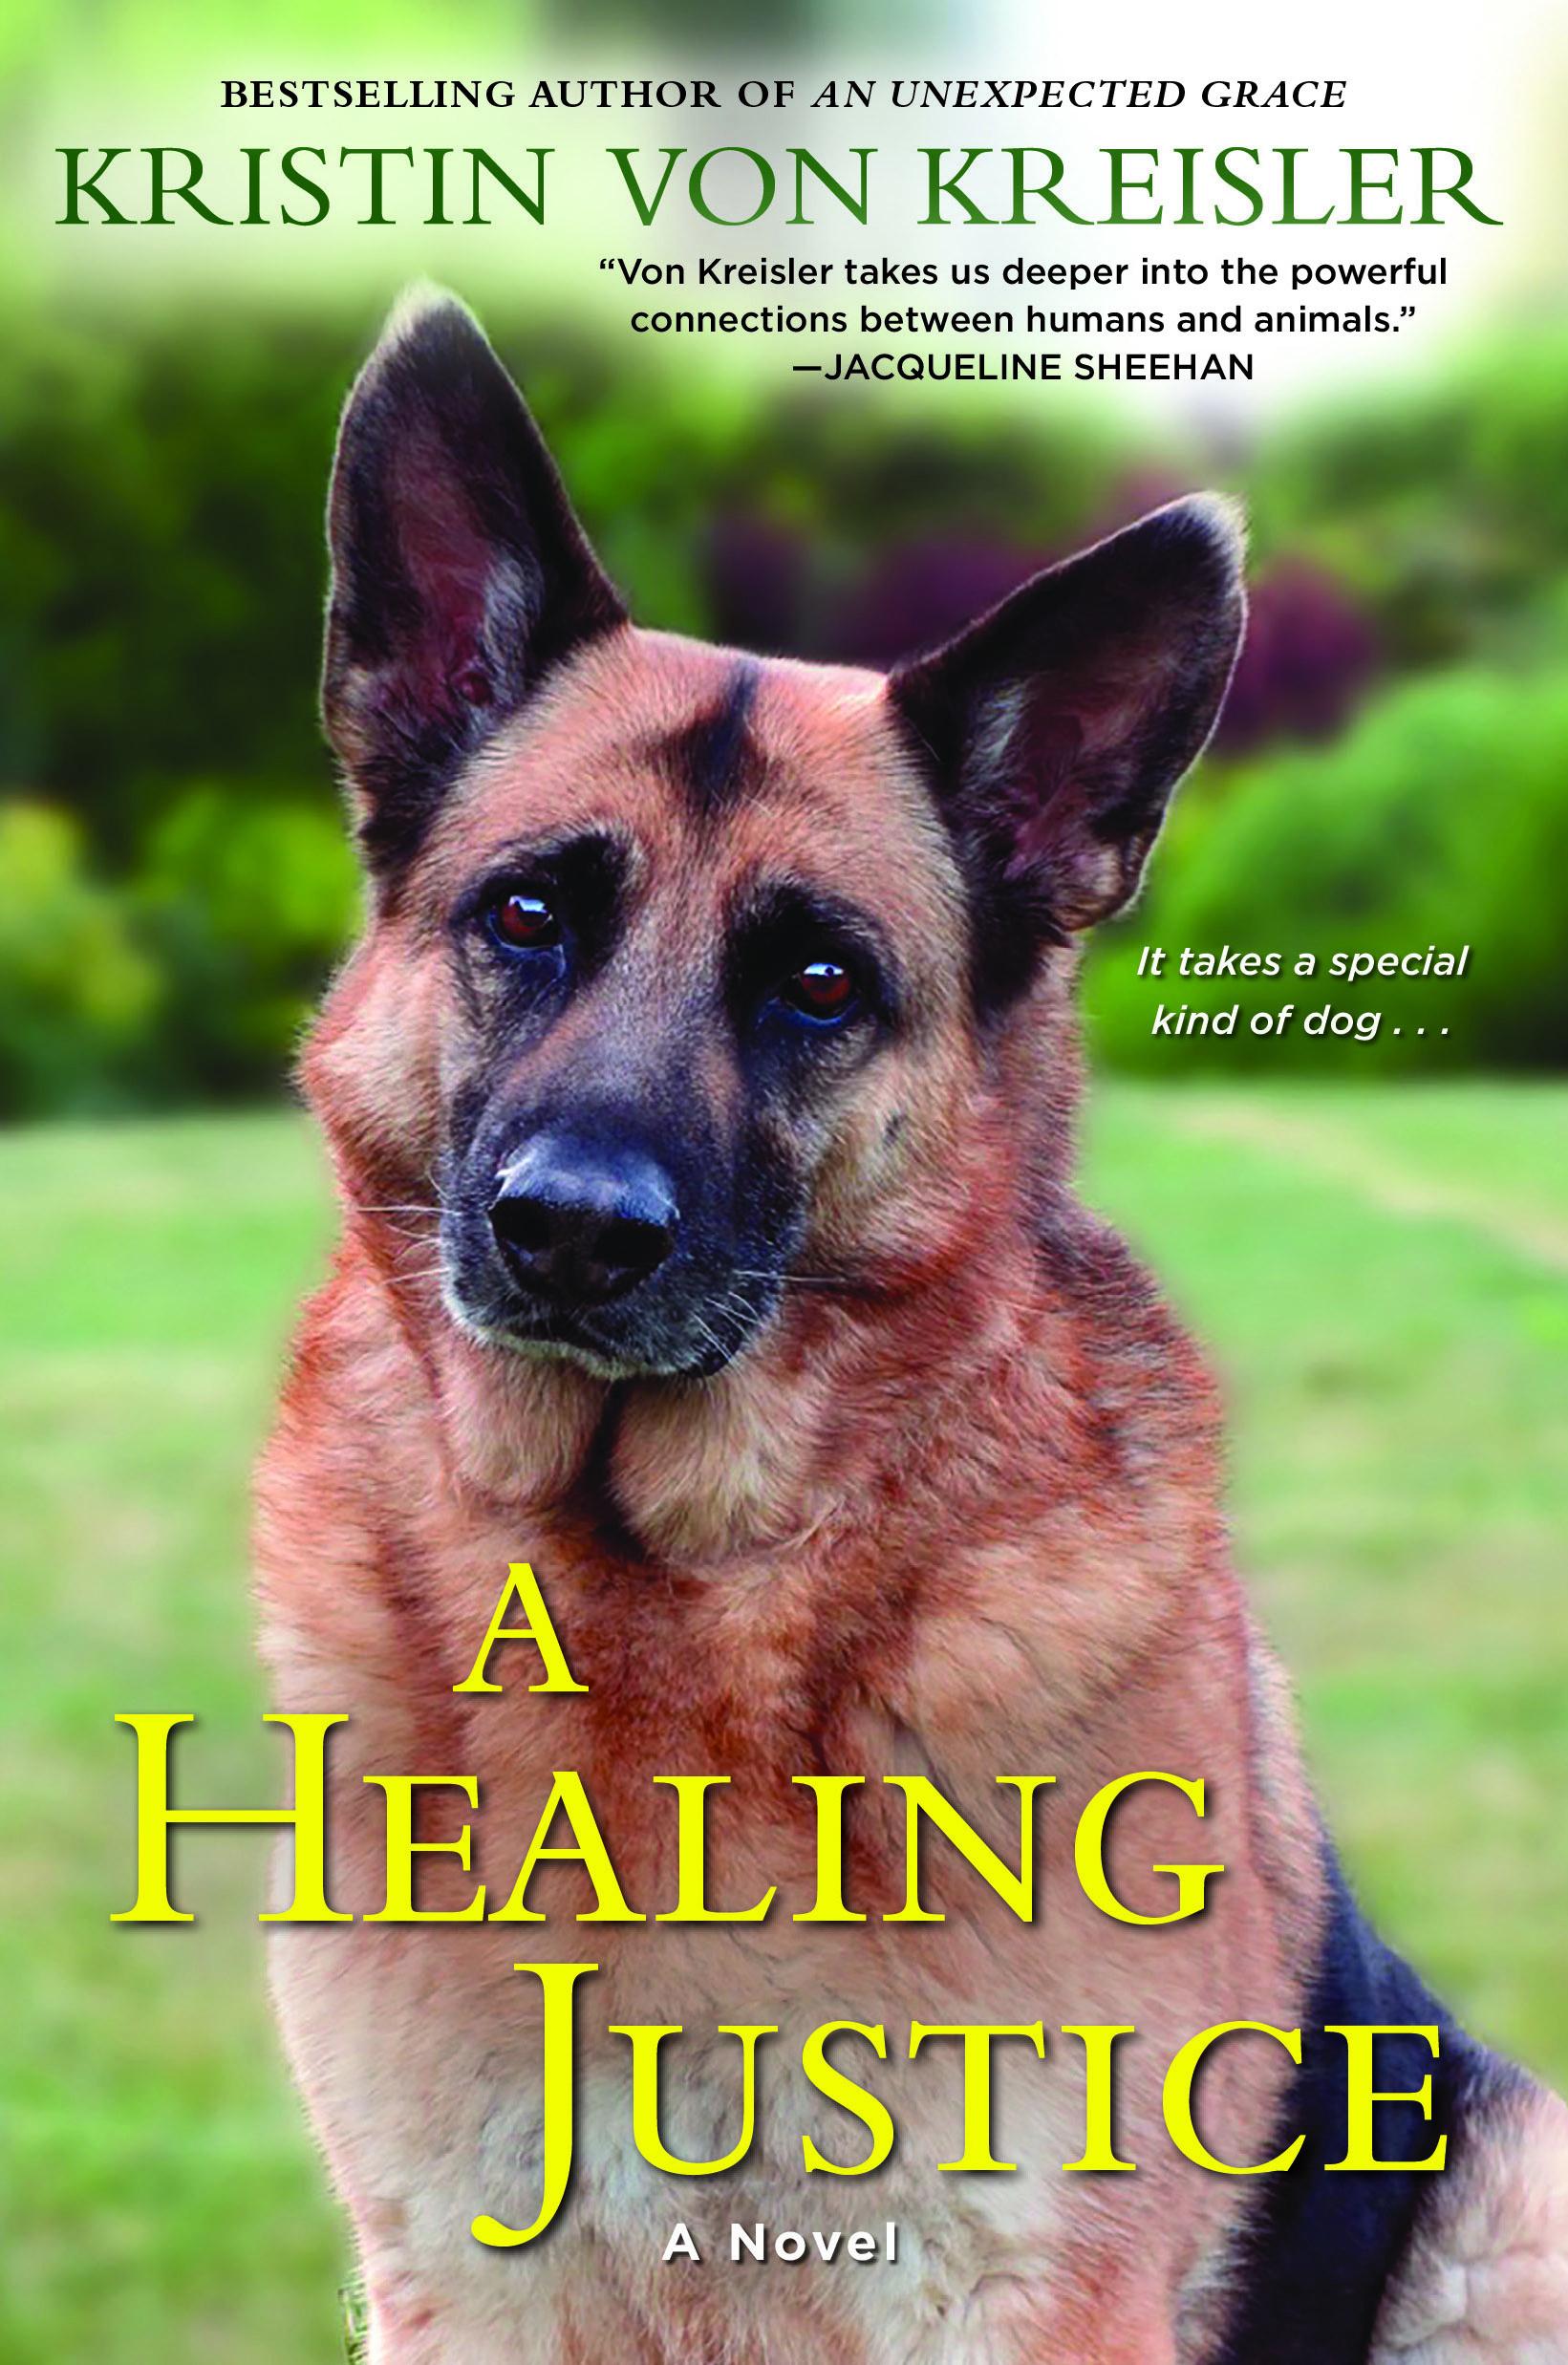 von Kreisler - jacket design - A Healing Justice